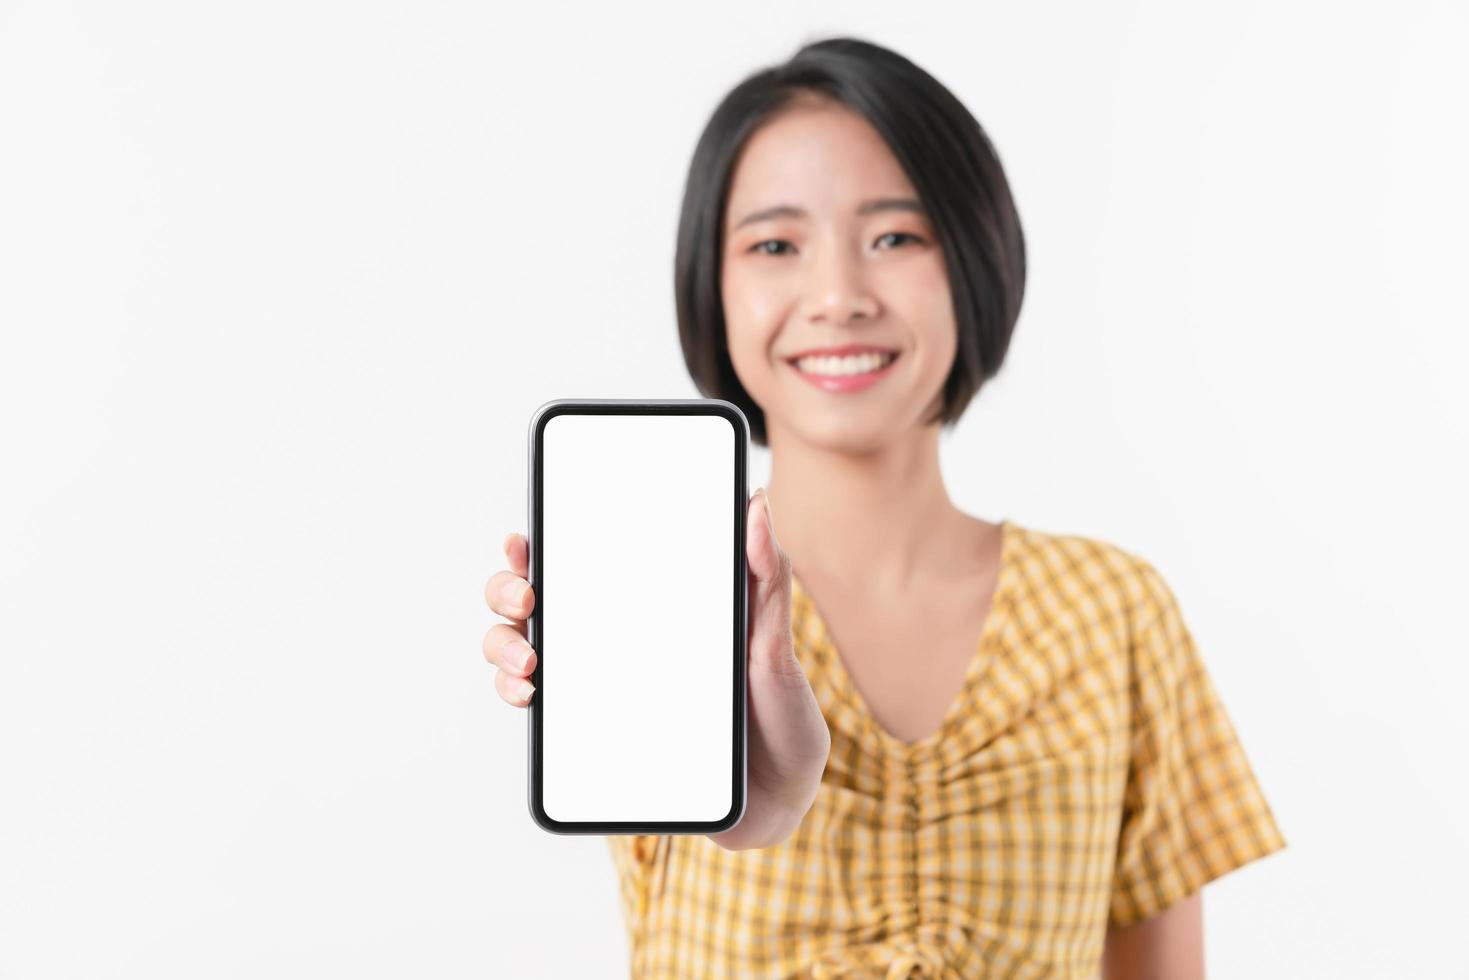 asiatisk kvinna som håller ut smarttelefonen på vit bakgrund foto